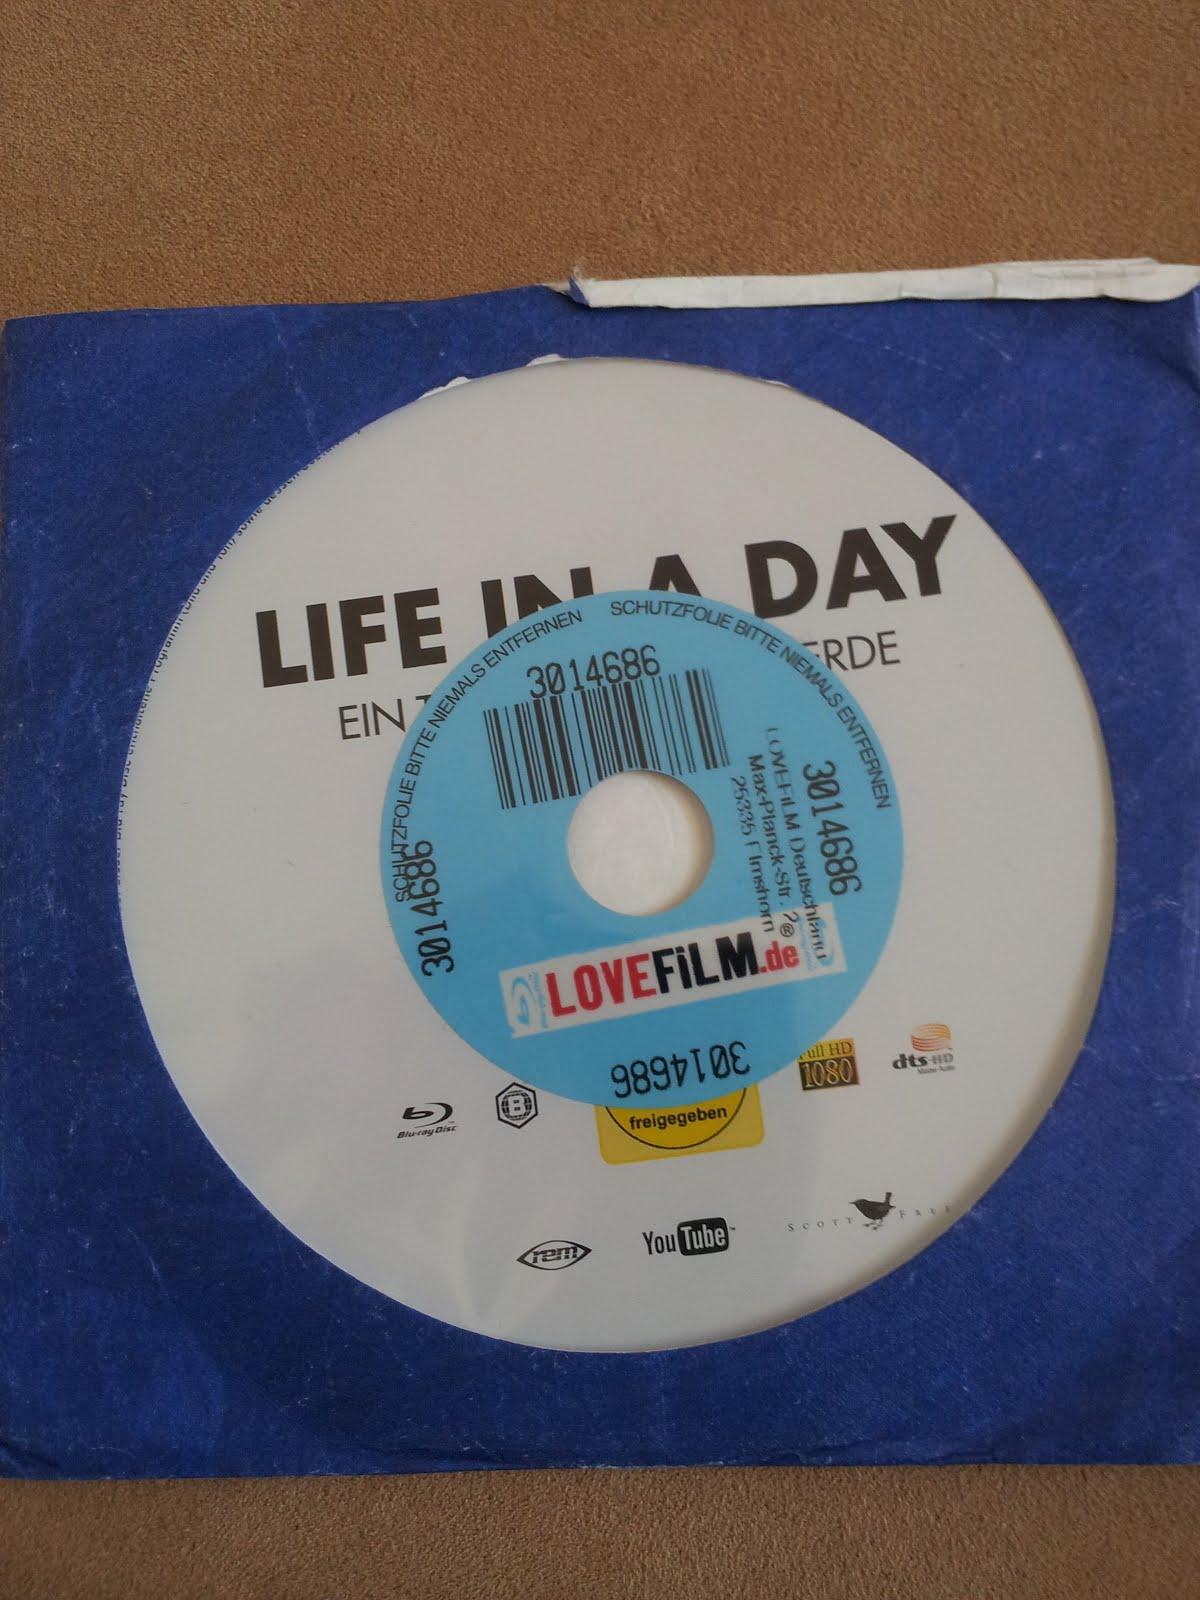 http://1.bp.blogspot.com/-4OQ1ryyBWhM/T5Jz_jcSQqI/AAAAAAAABM4/idRHq2I0QGE/s1600/LIFE%2BIN%2BA%2BDAY.jpg